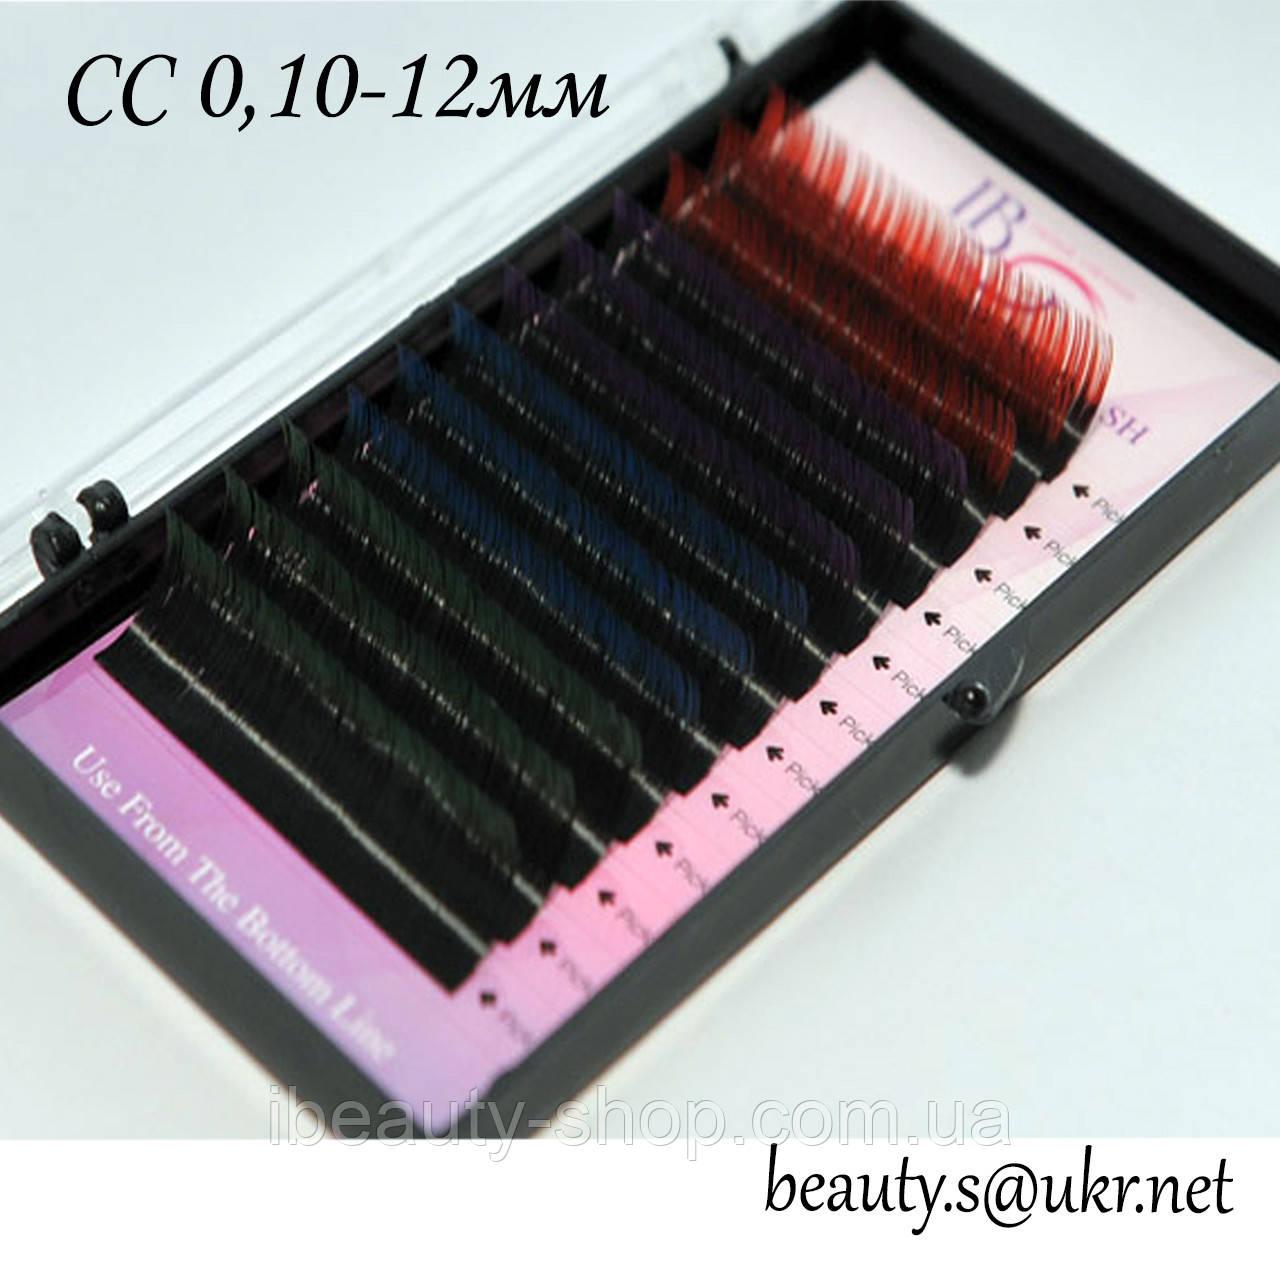 Ресницы I-Beauty, CC 0,10-12мм,цветные концы,4 цвета